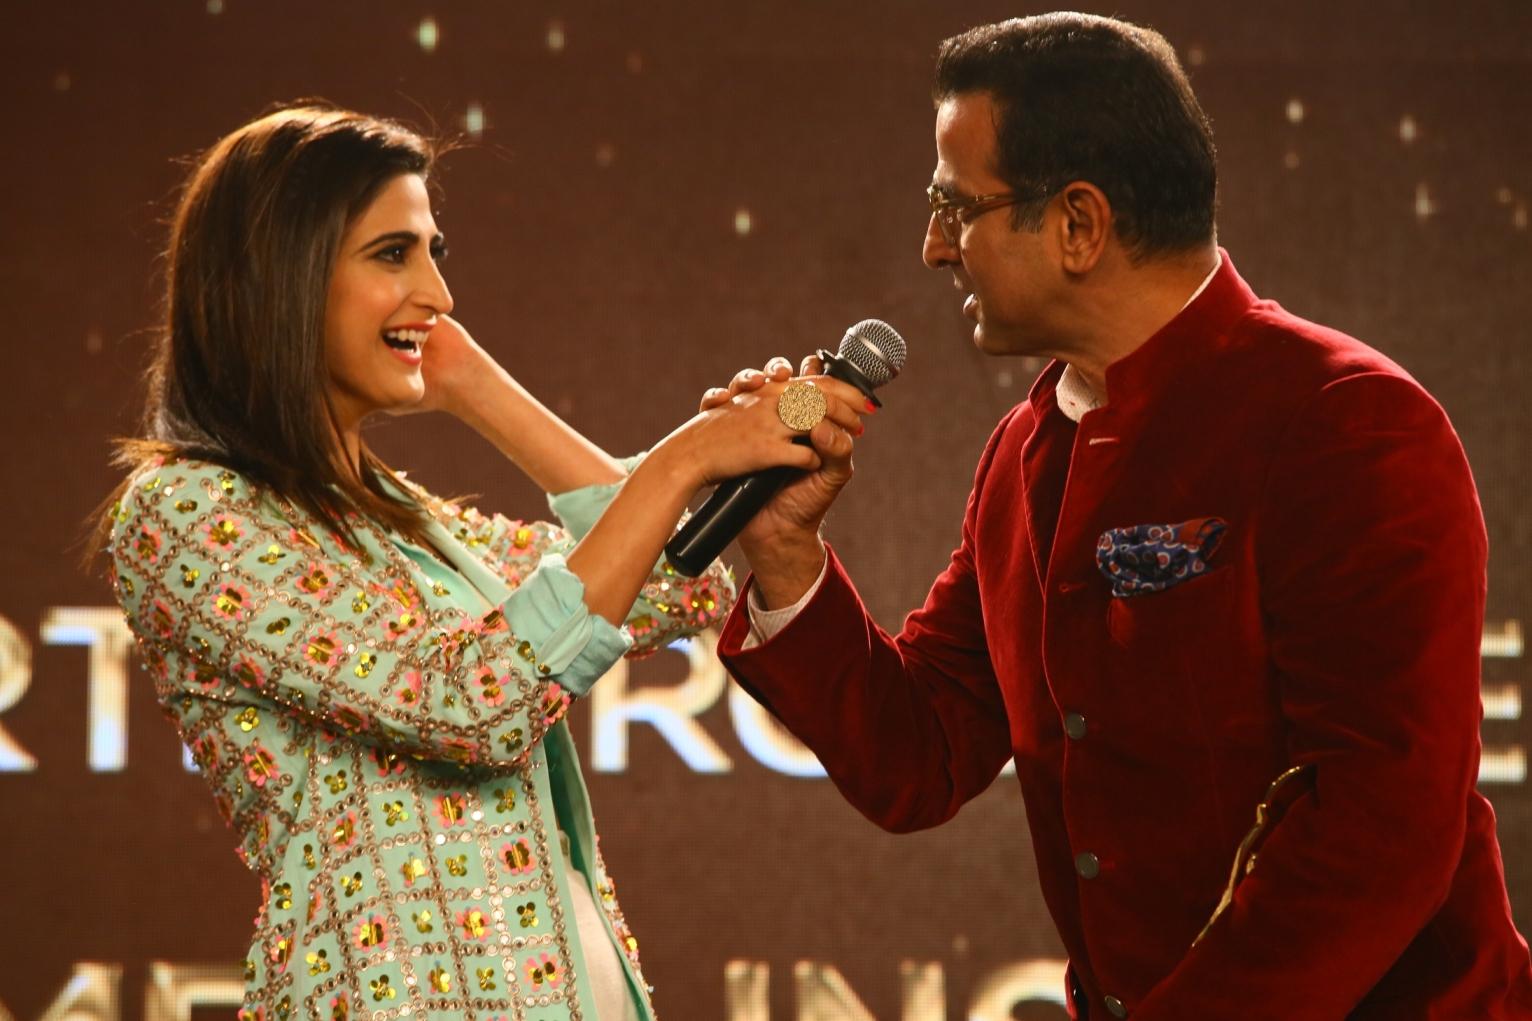 Ahaana Kumra and Ronit Roy@ News18 iReel Awards